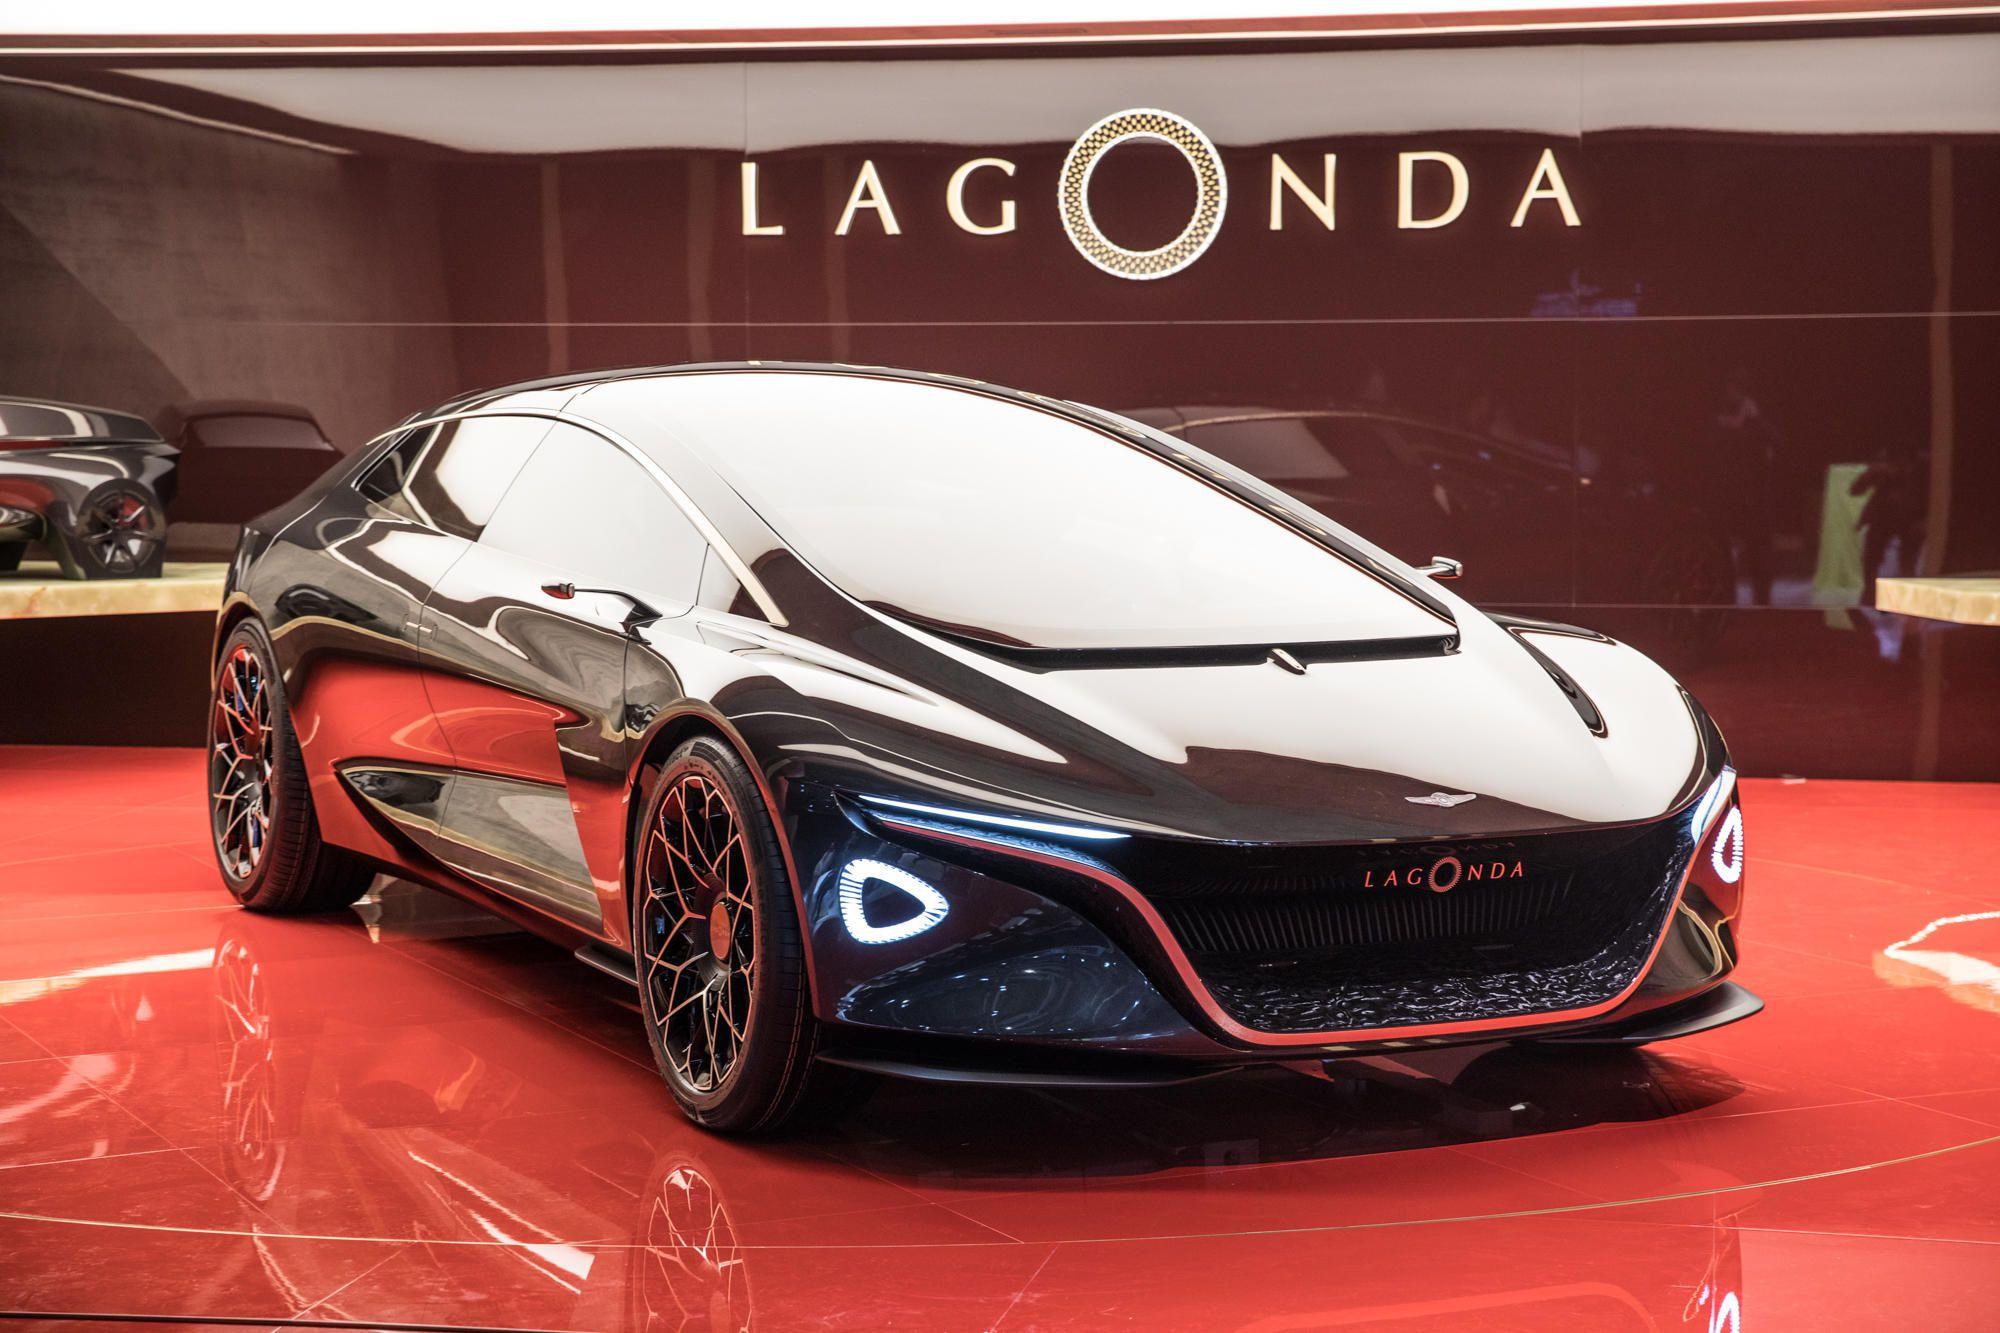 Aston Martin Lagonda At Geneva Motor Show 2018